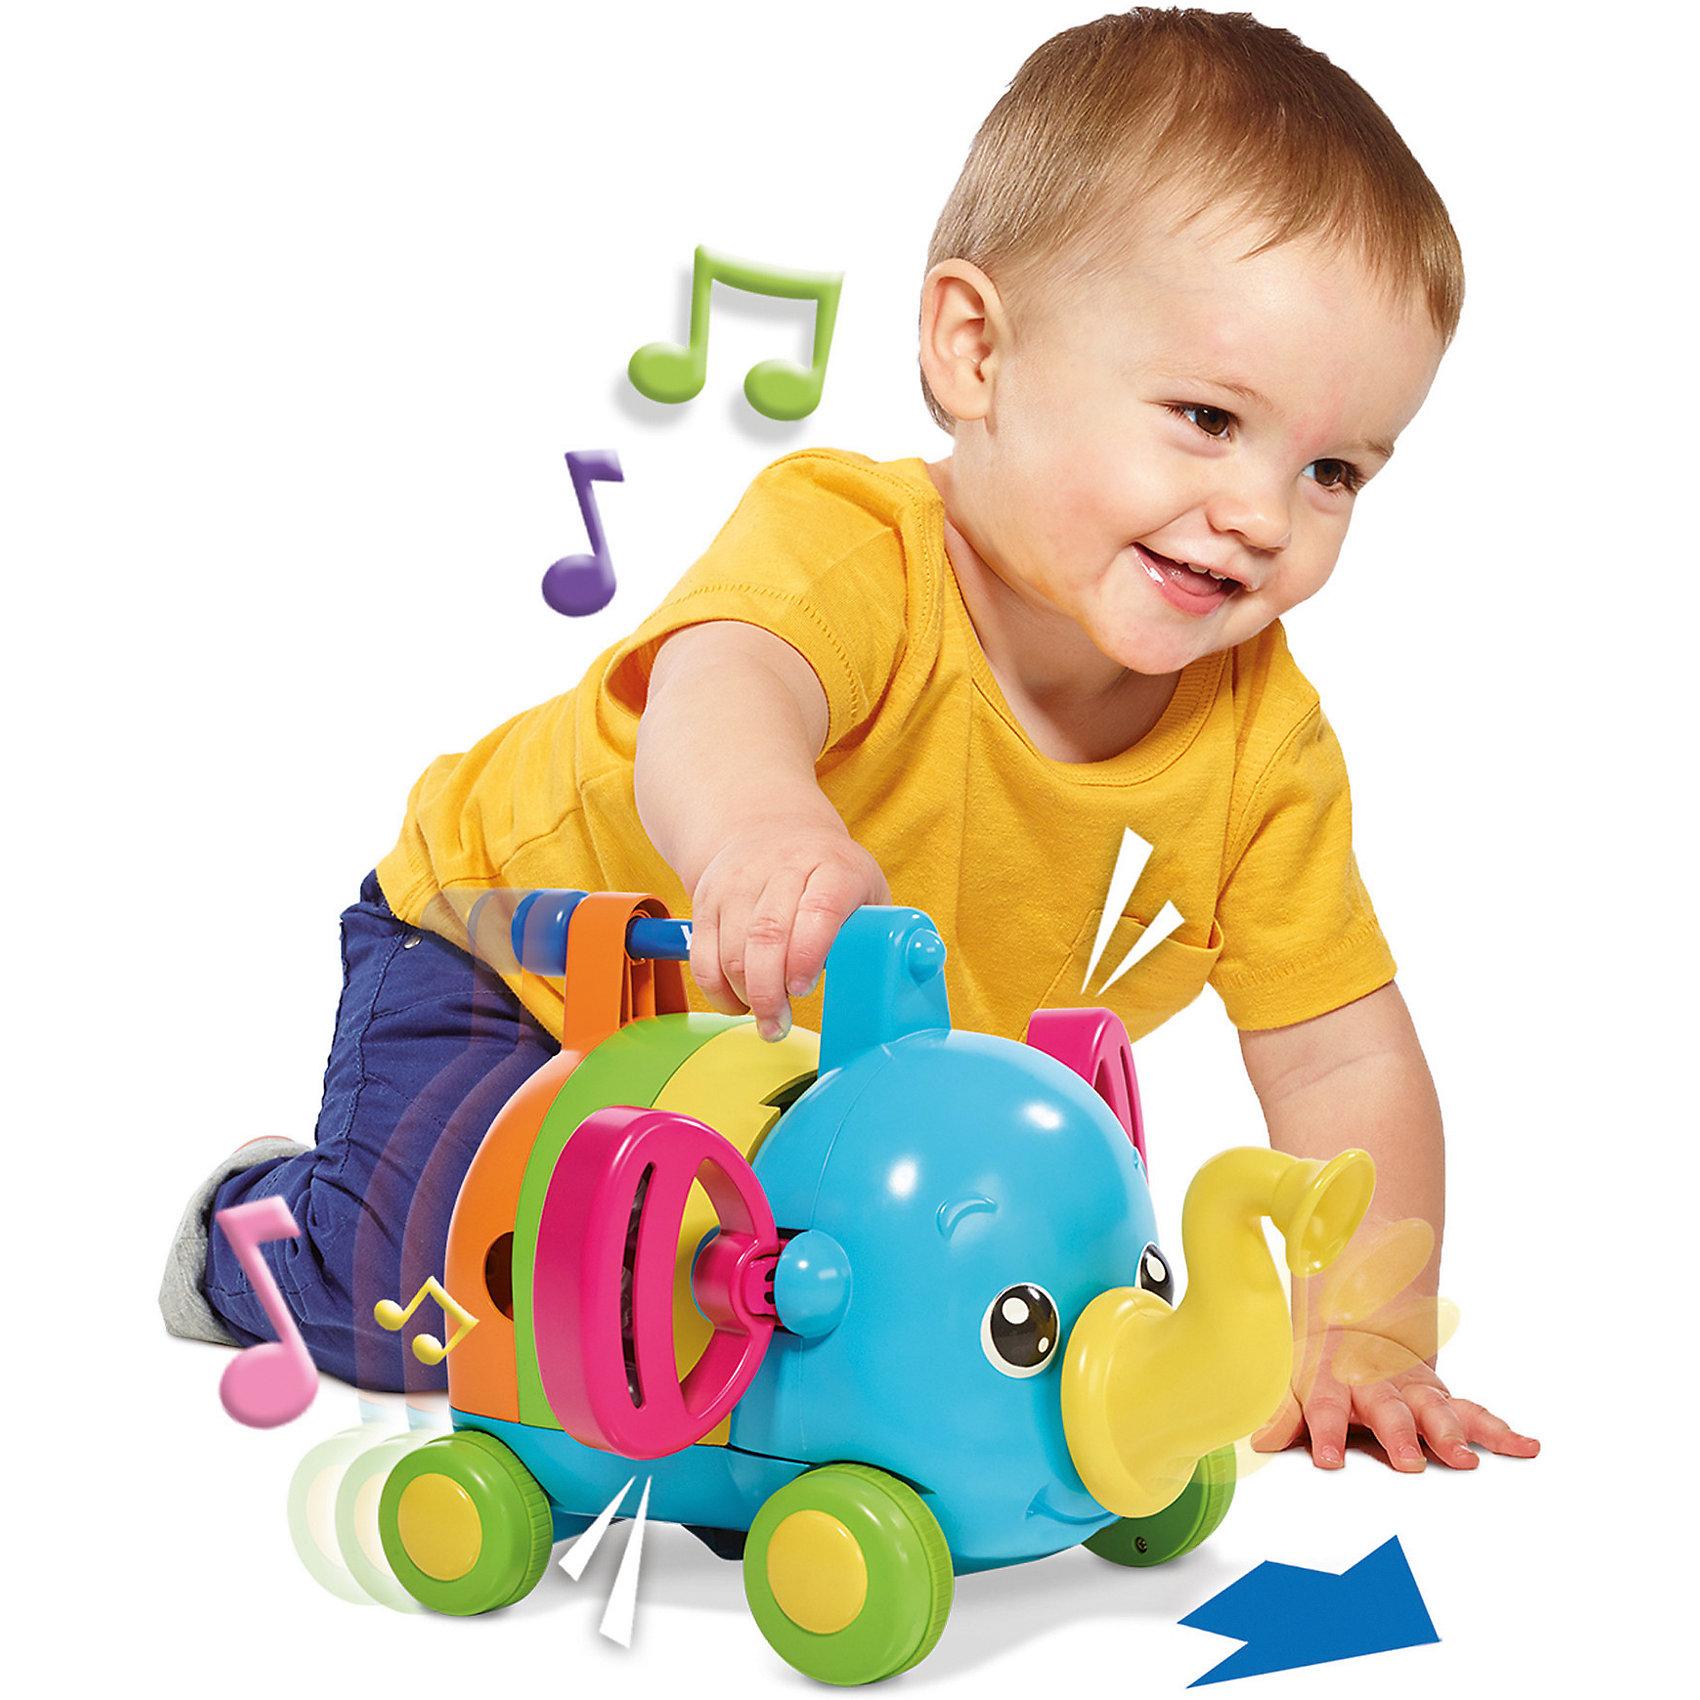 Слоненок-оркестр, TOMYДетские музыкальные инструменты<br>Слоненок-оркестр, TOMY (ТОМИ) – это яркая развивающая игрушка, которая обязательно понравится вашему ребенку.<br>Яркая игрушка Слоненок-оркестр отличный подарок для маленьких музыкантов. Когда ребенок толкает игрушку, слоненок сам играет на музыкальных инструментах - это продолжается все время, пока слоненок находится в движении. Каждая часть тела слоненка – это музыкальный инструмент. Слоненок разбирается и тогда 5 симпатичных и очень забавных музыкальных инструментов можно использовать самостоятельно. Игрушка развивает координацию и моторику рук у ребенка, а также музыкальный слух малыша.<br><br>Дополнительная информация:<br><br>- Материал: пластик<br>- Размер: 21 x 29 x 30 см.<br>- Вес: 1,1 кг.<br><br>Игрушку Слоненок-оркестр, TOMY (ТОМИ) можно купить в нашем интернет-магазине.<br><br>Ширина мм: 210<br>Глубина мм: 290<br>Высота мм: 240<br>Вес г: 1000<br>Возраст от месяцев: 36<br>Возраст до месяцев: 72<br>Пол: Унисекс<br>Возраст: Детский<br>SKU: 4183568